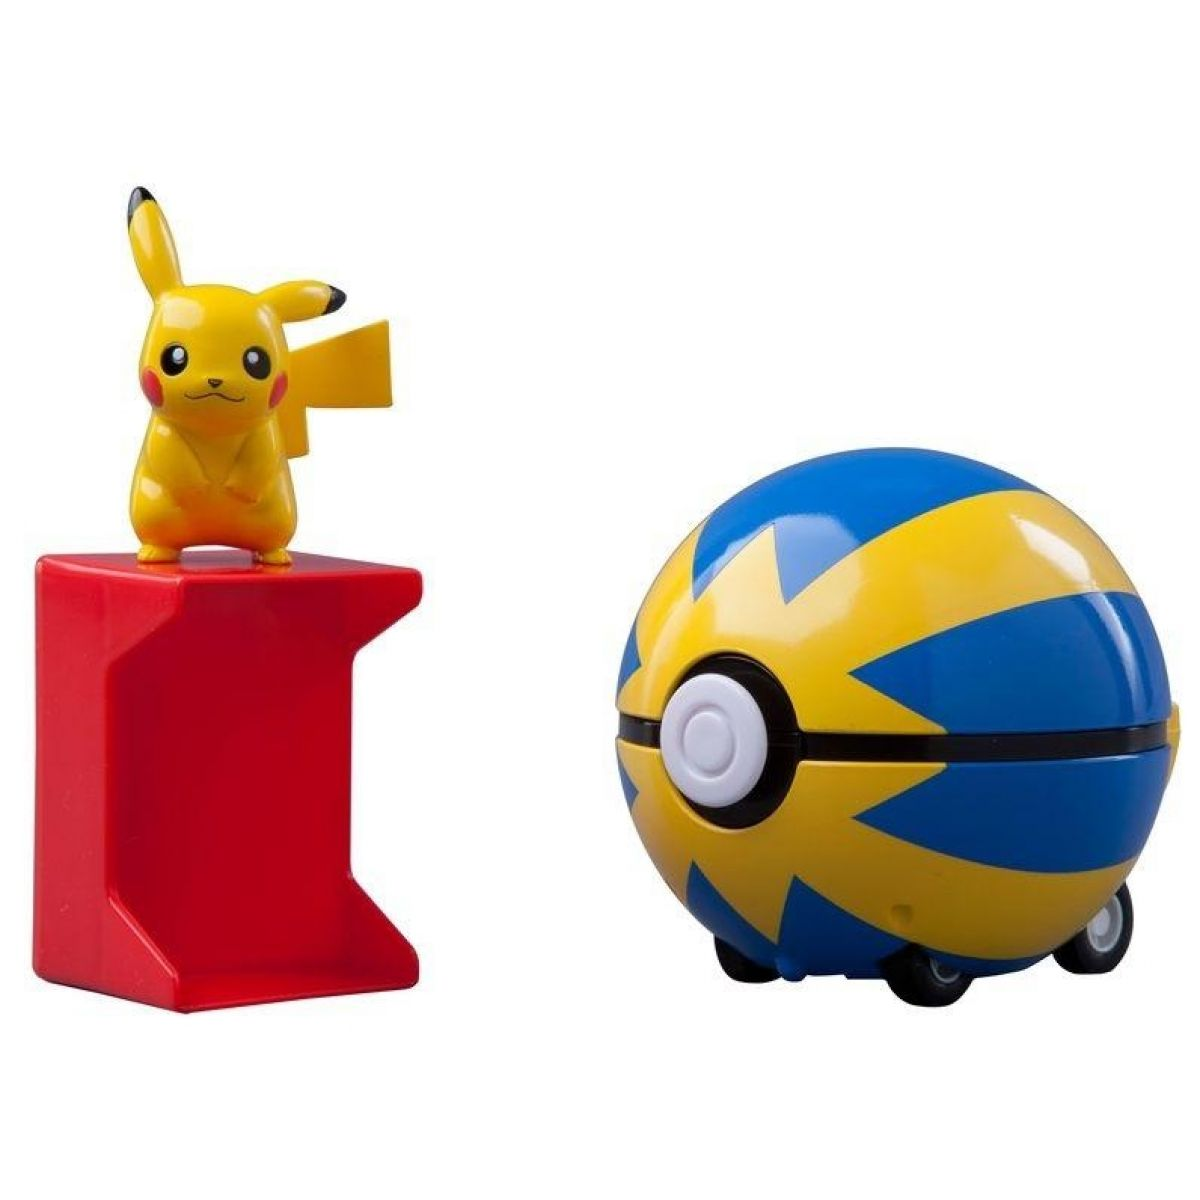 Pokémon Chyť a vrať se Pokéball - Pikachu